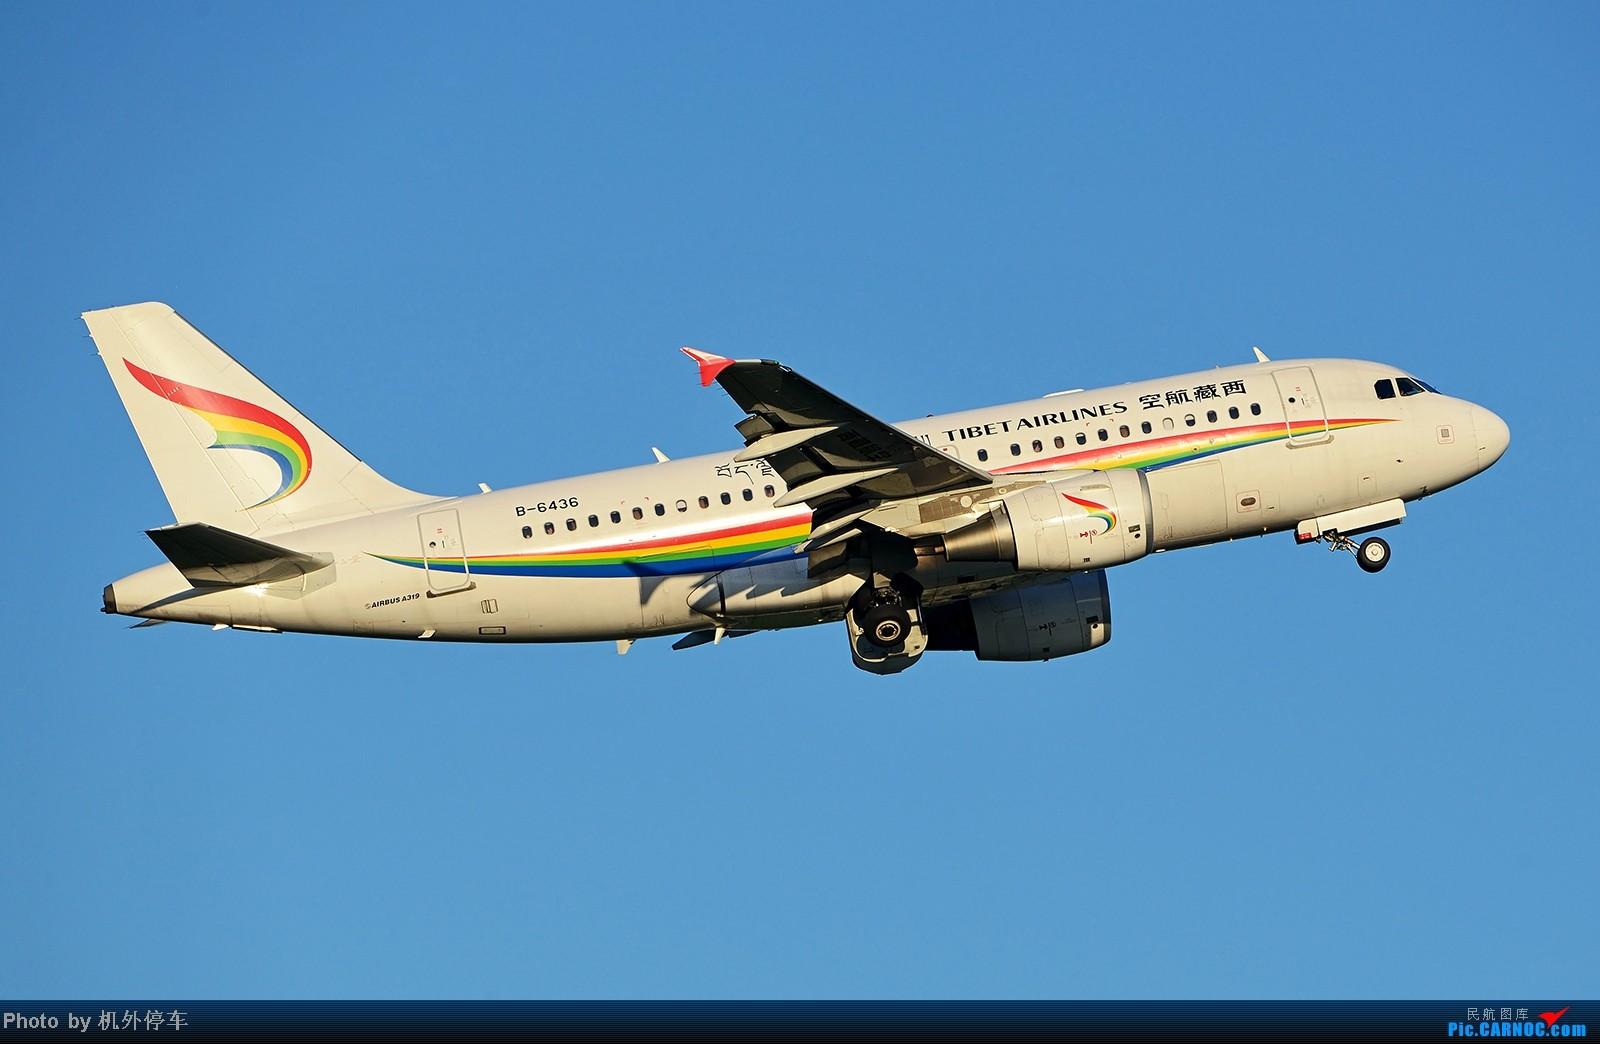 Re:[原创]杂图几张,祝大家周末愉快! AIRBUS A319-100 B-6436 中国成都双流机场